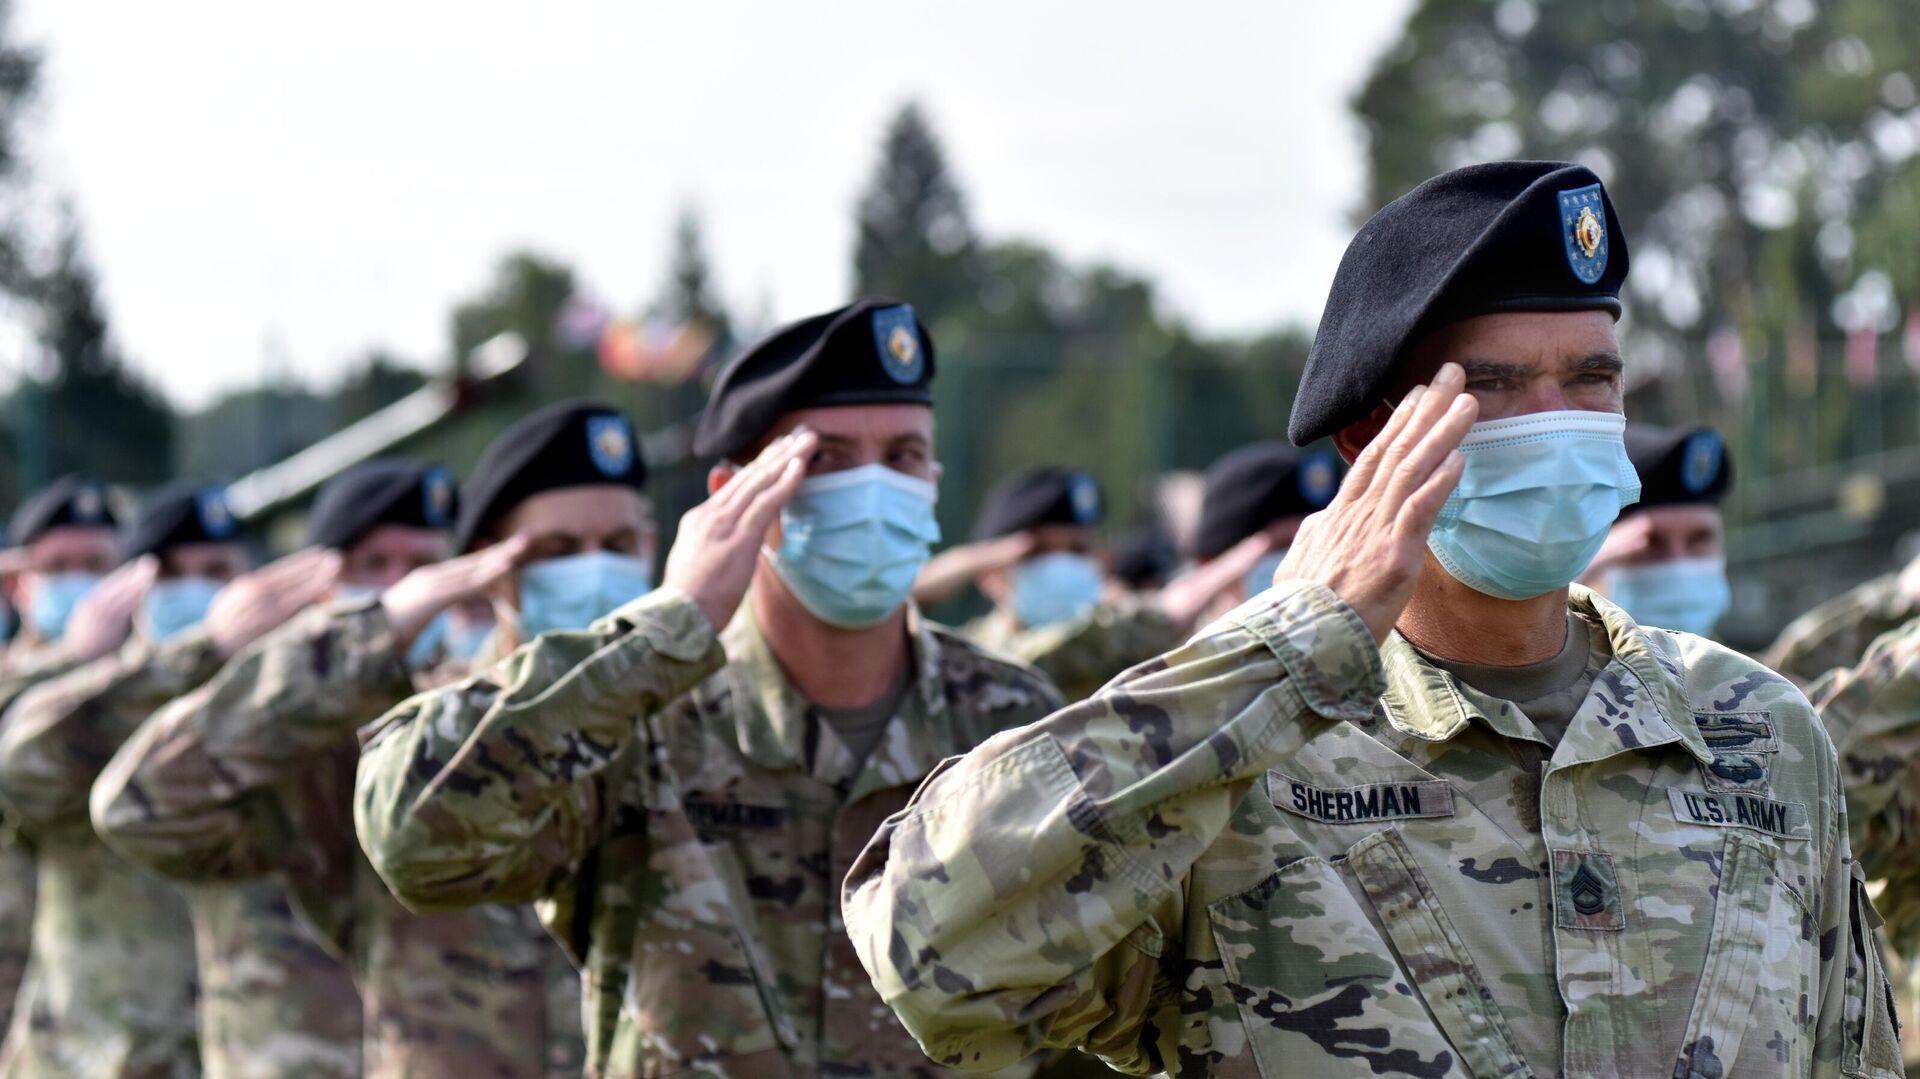 Военнослужащие США на церемонии открытия совместных военных учений Украины и стран НАТО Rapid Trident-2020 - РИА Новости, 1920, 08.05.2021